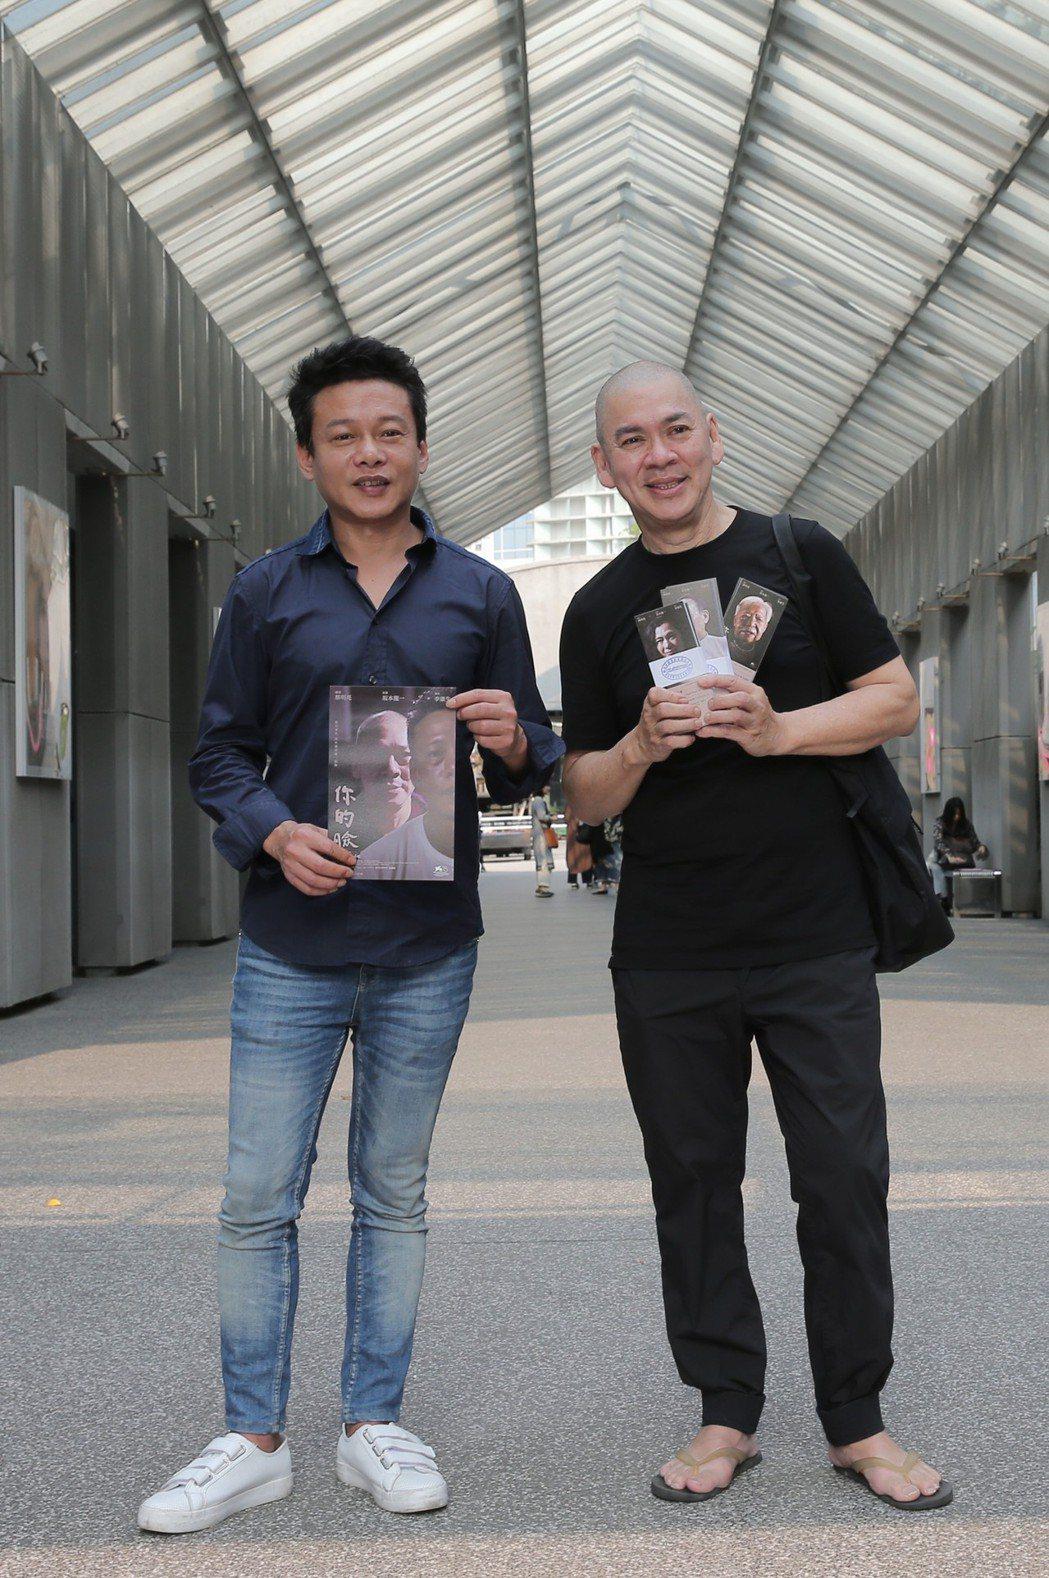 電影「你的臉」導演蔡明亮(右)、主角李康生。記者林俊良/攝影